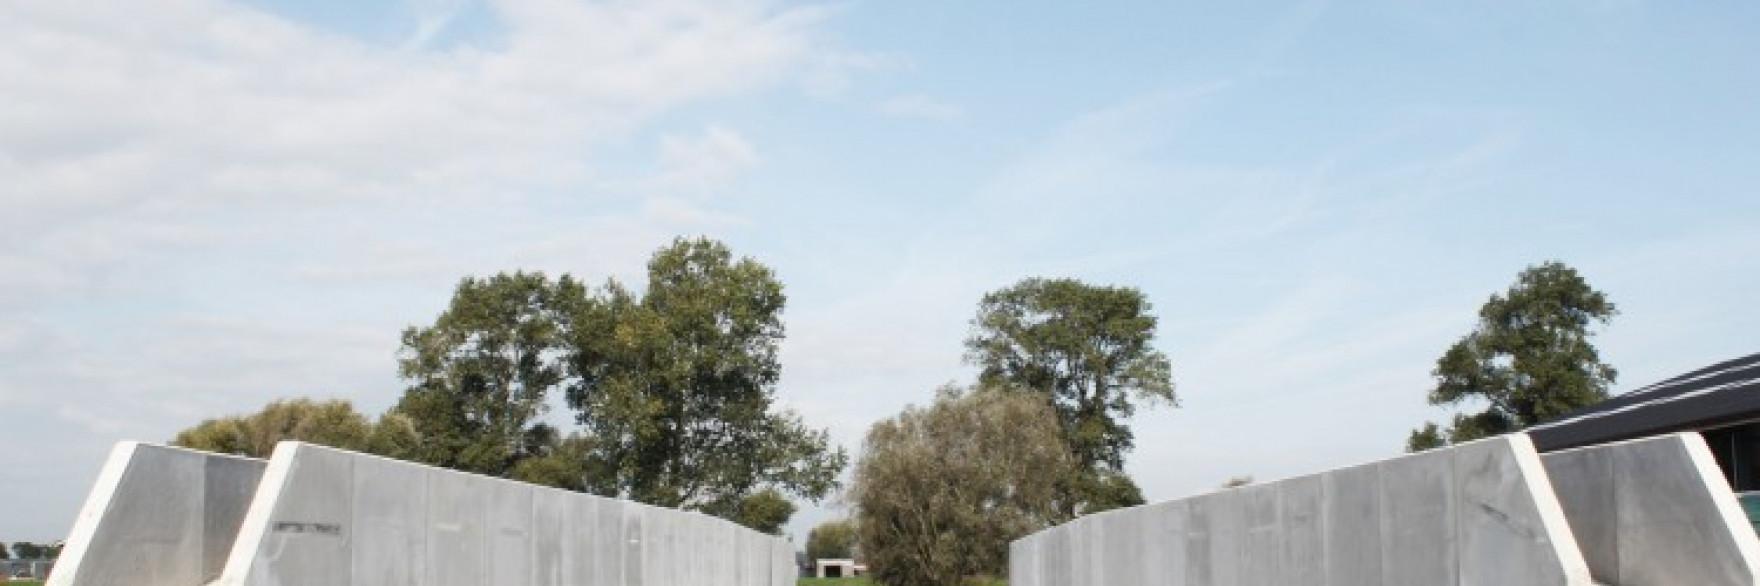 Stockagepaneel beton